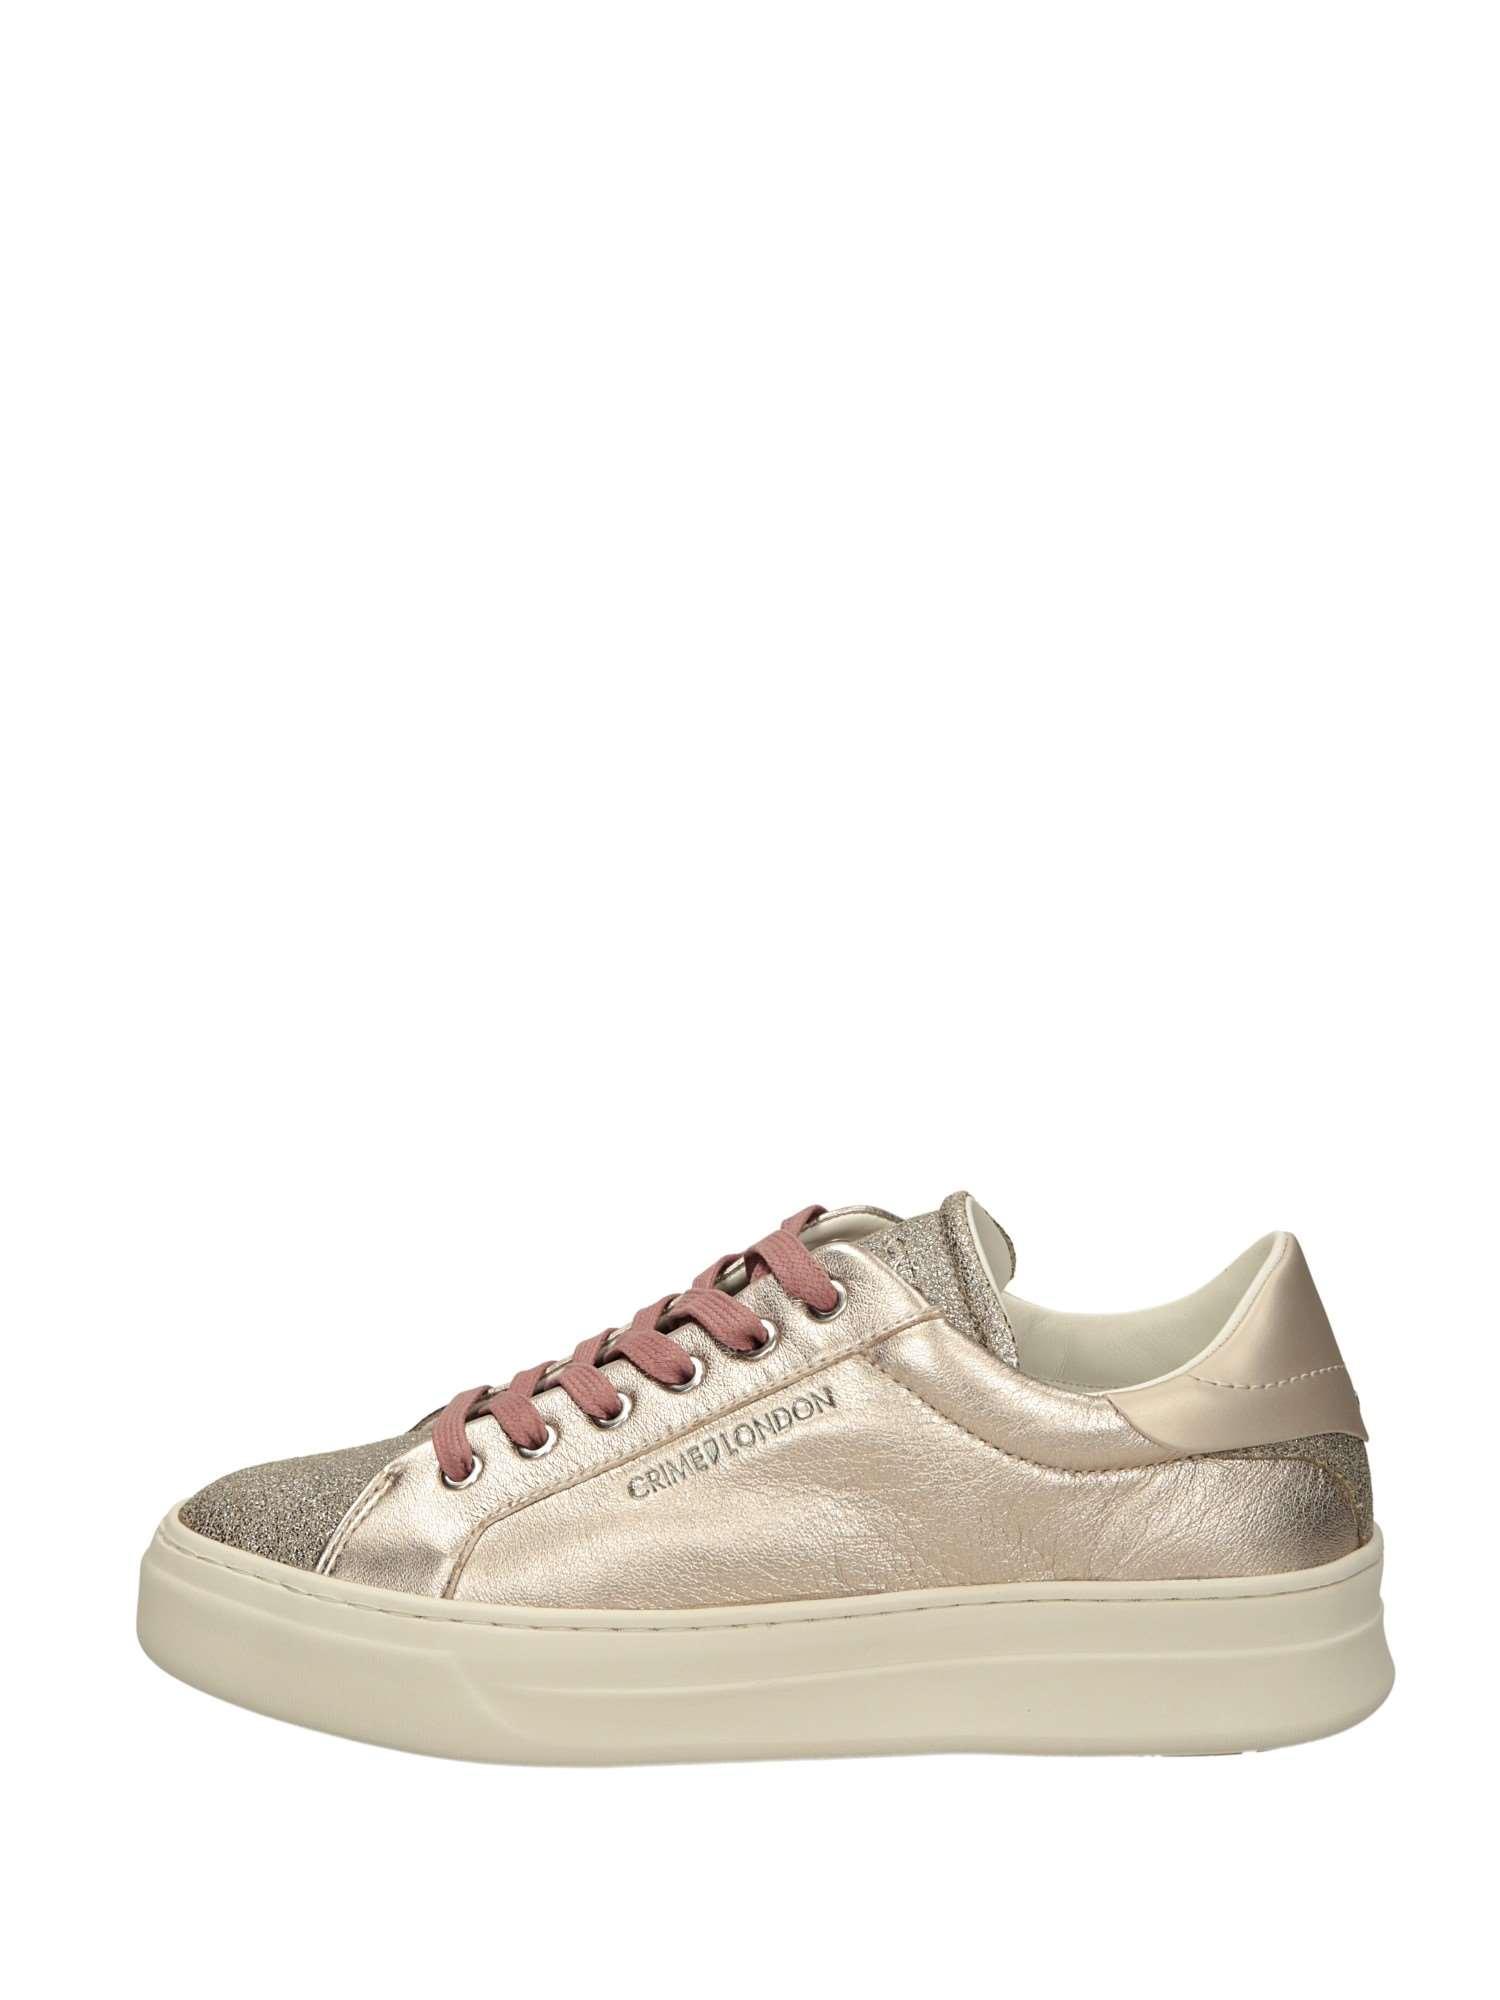 Crime London 25600 Cipria Scarpe Donna Sneakers 4217fdf4e3d